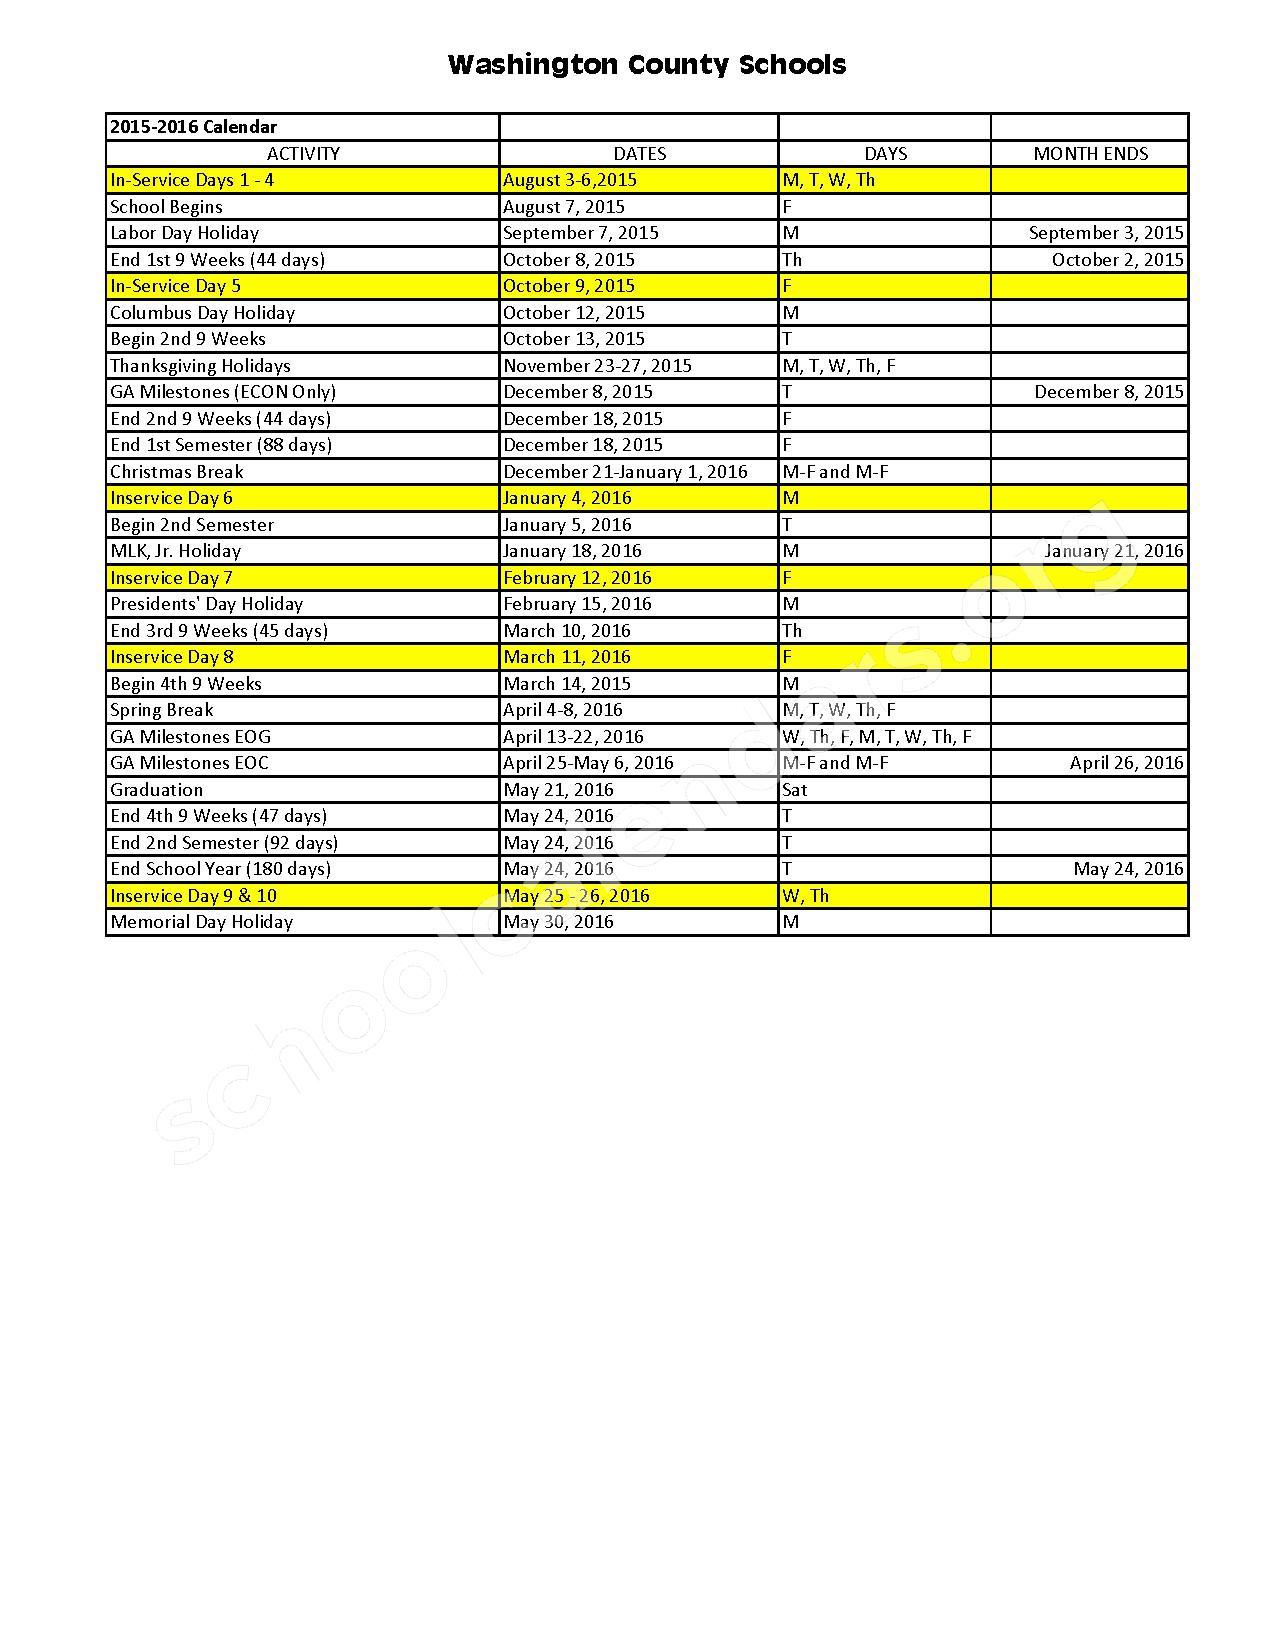 2015 - 2016 School Calendar – Washington County School District – page 1